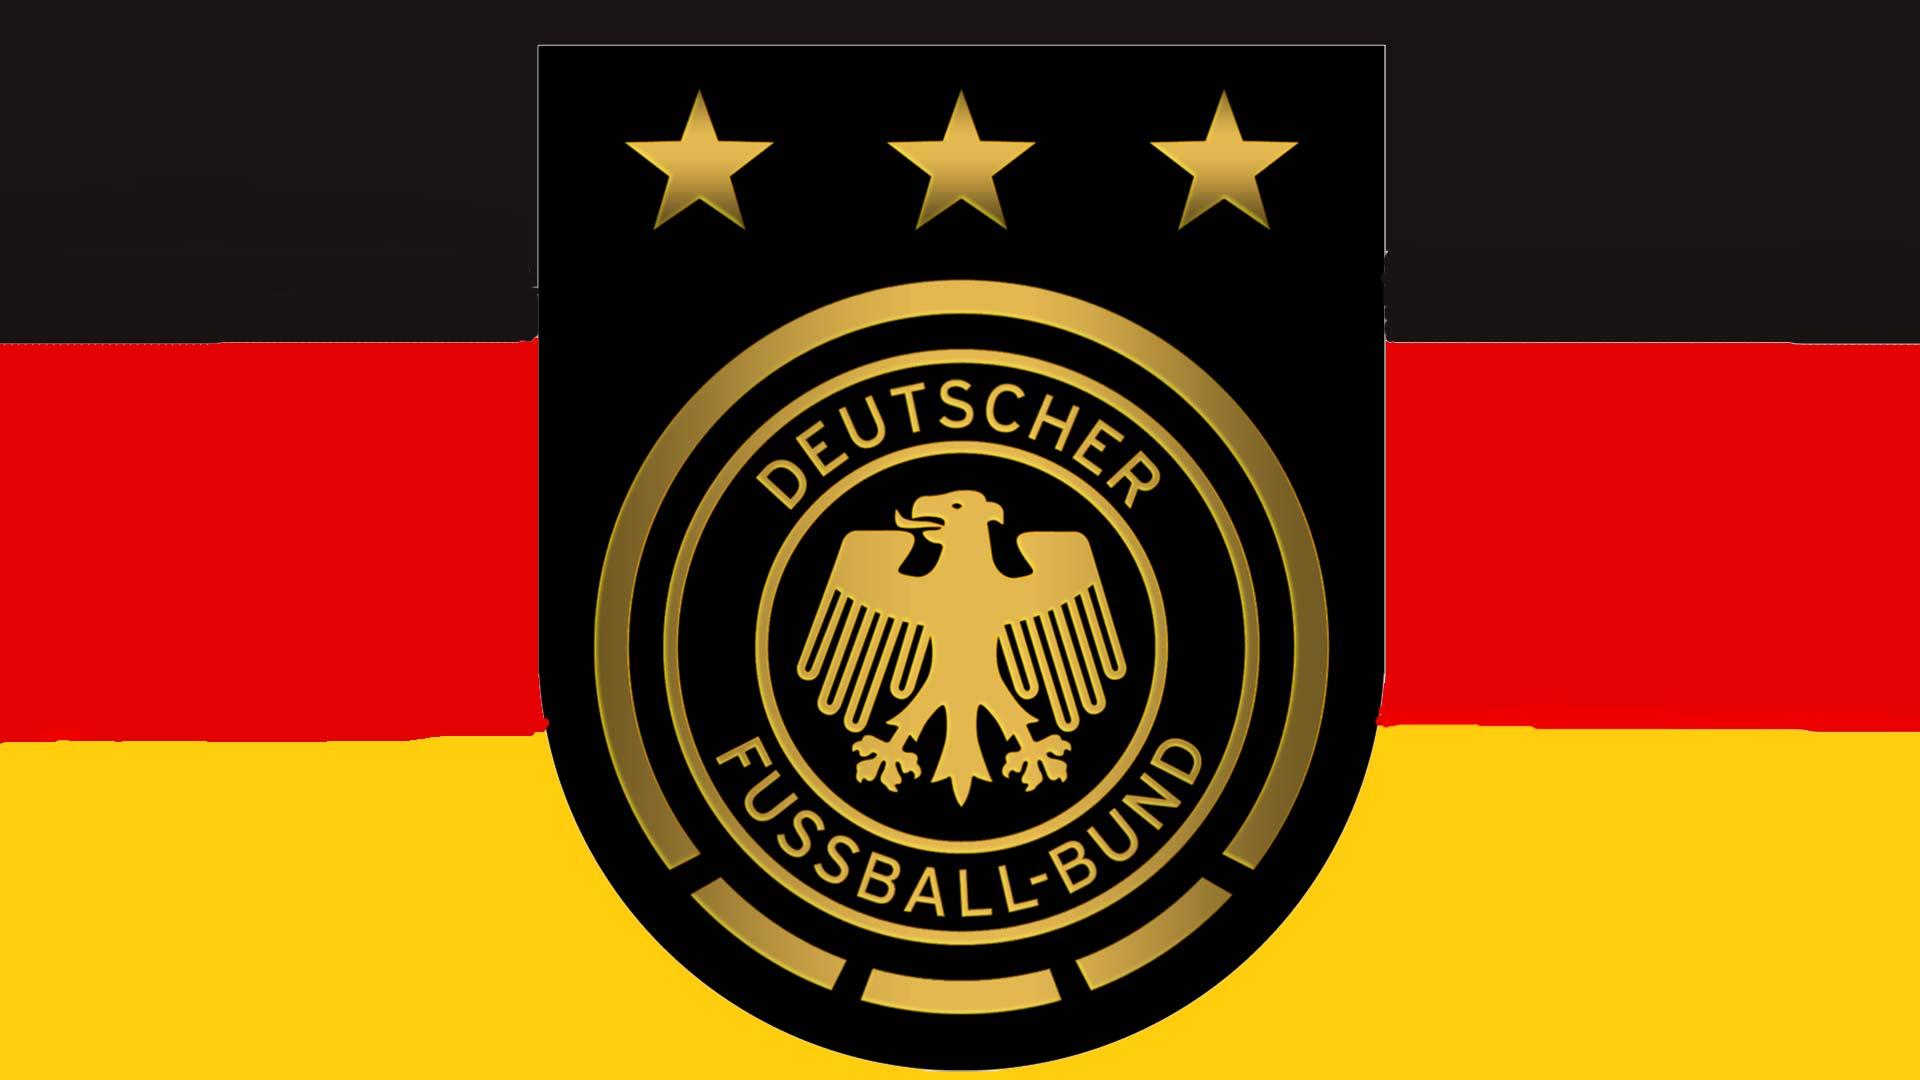 Deutsch Schild Fußballmannschaft hintergrundbilder